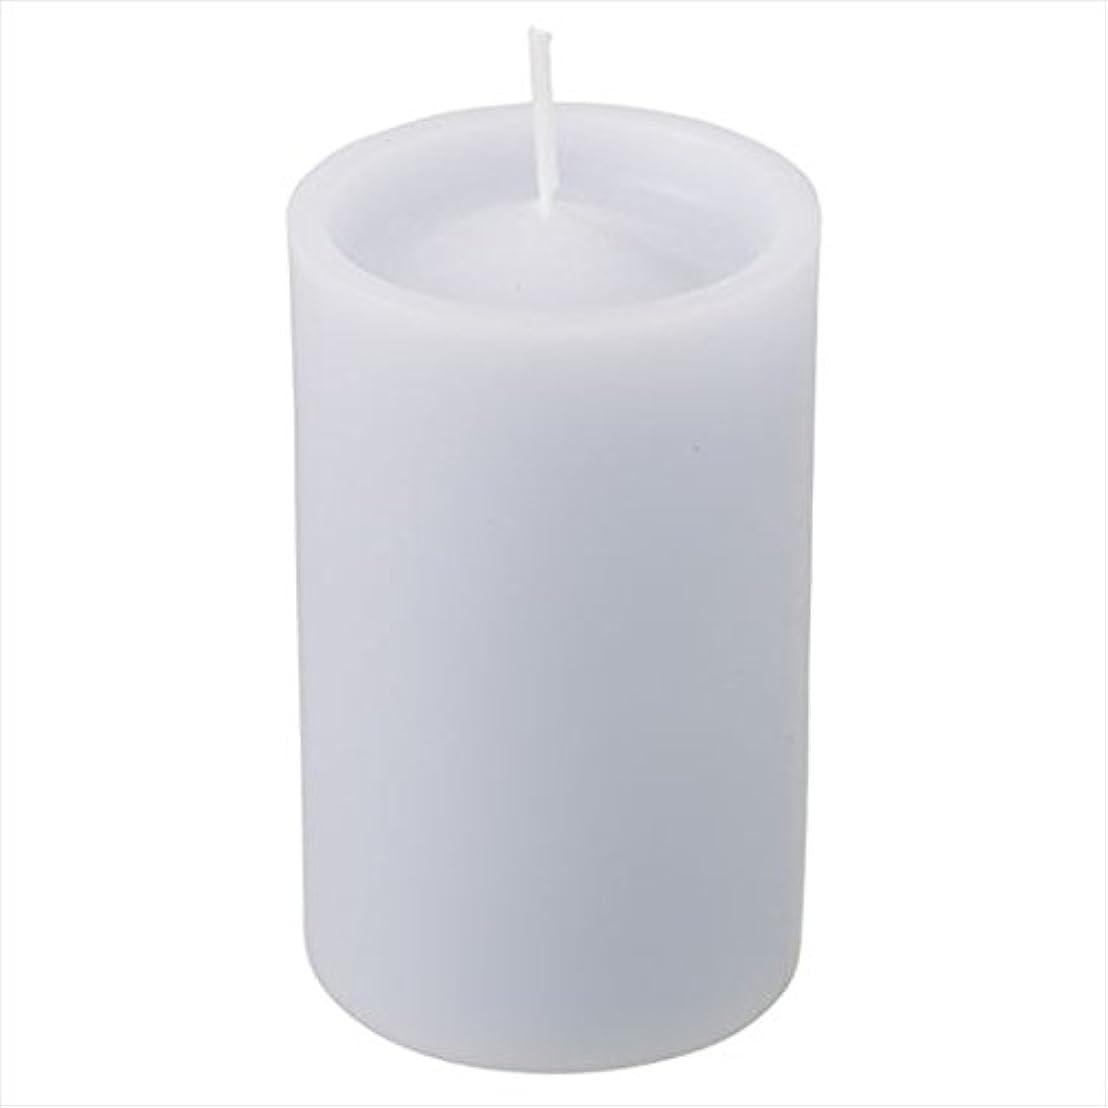 融合建設アームストロングカメヤマキャンドル( kameyama candle ) ロイヤルラウンド60 「 グレー 」